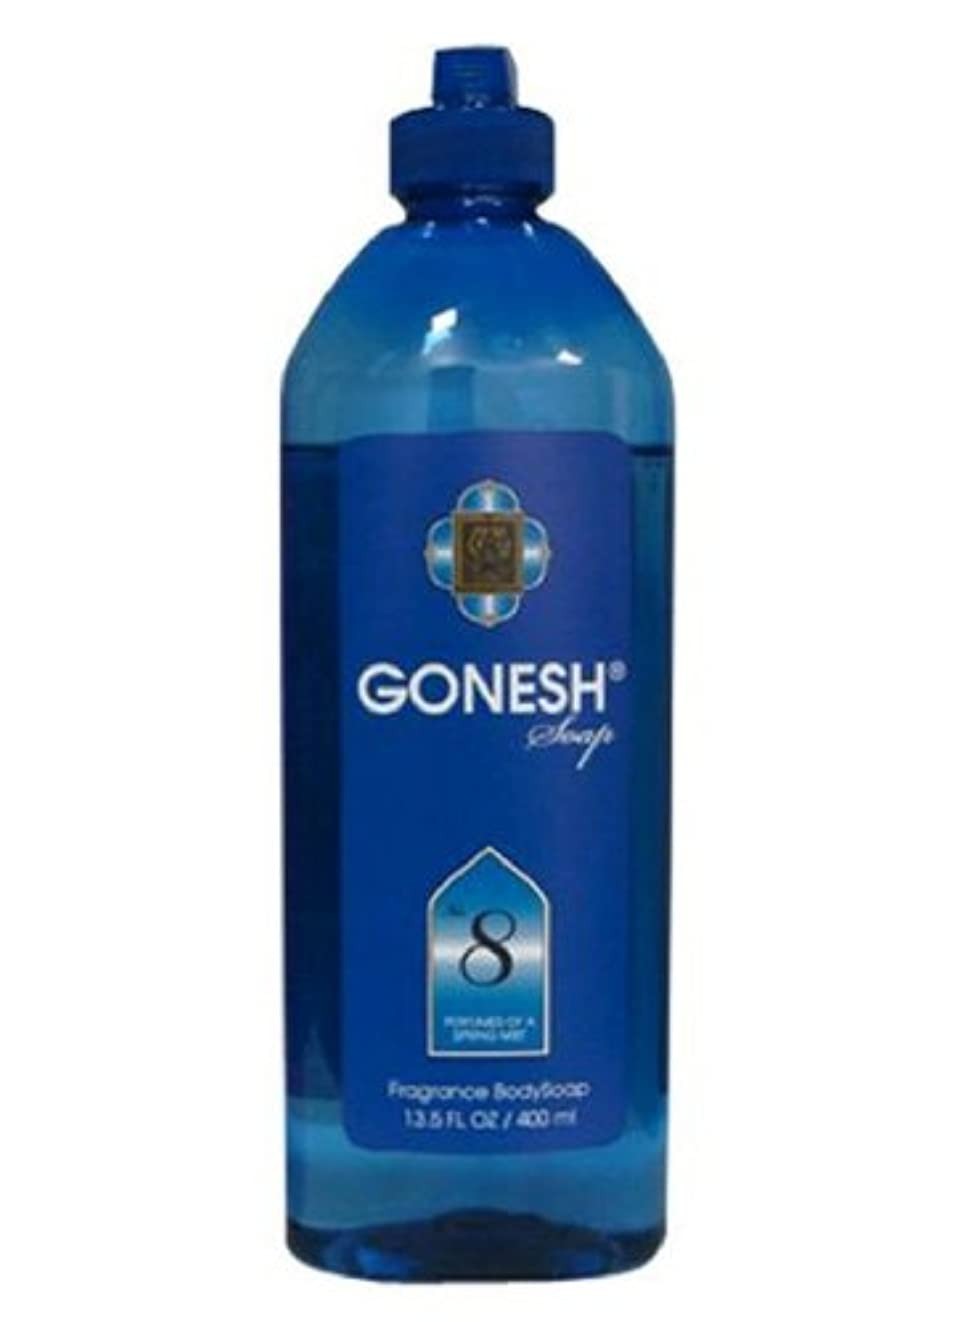 悲惨な協力的うまくやる()GONESH Body Soap NO.8 400ml